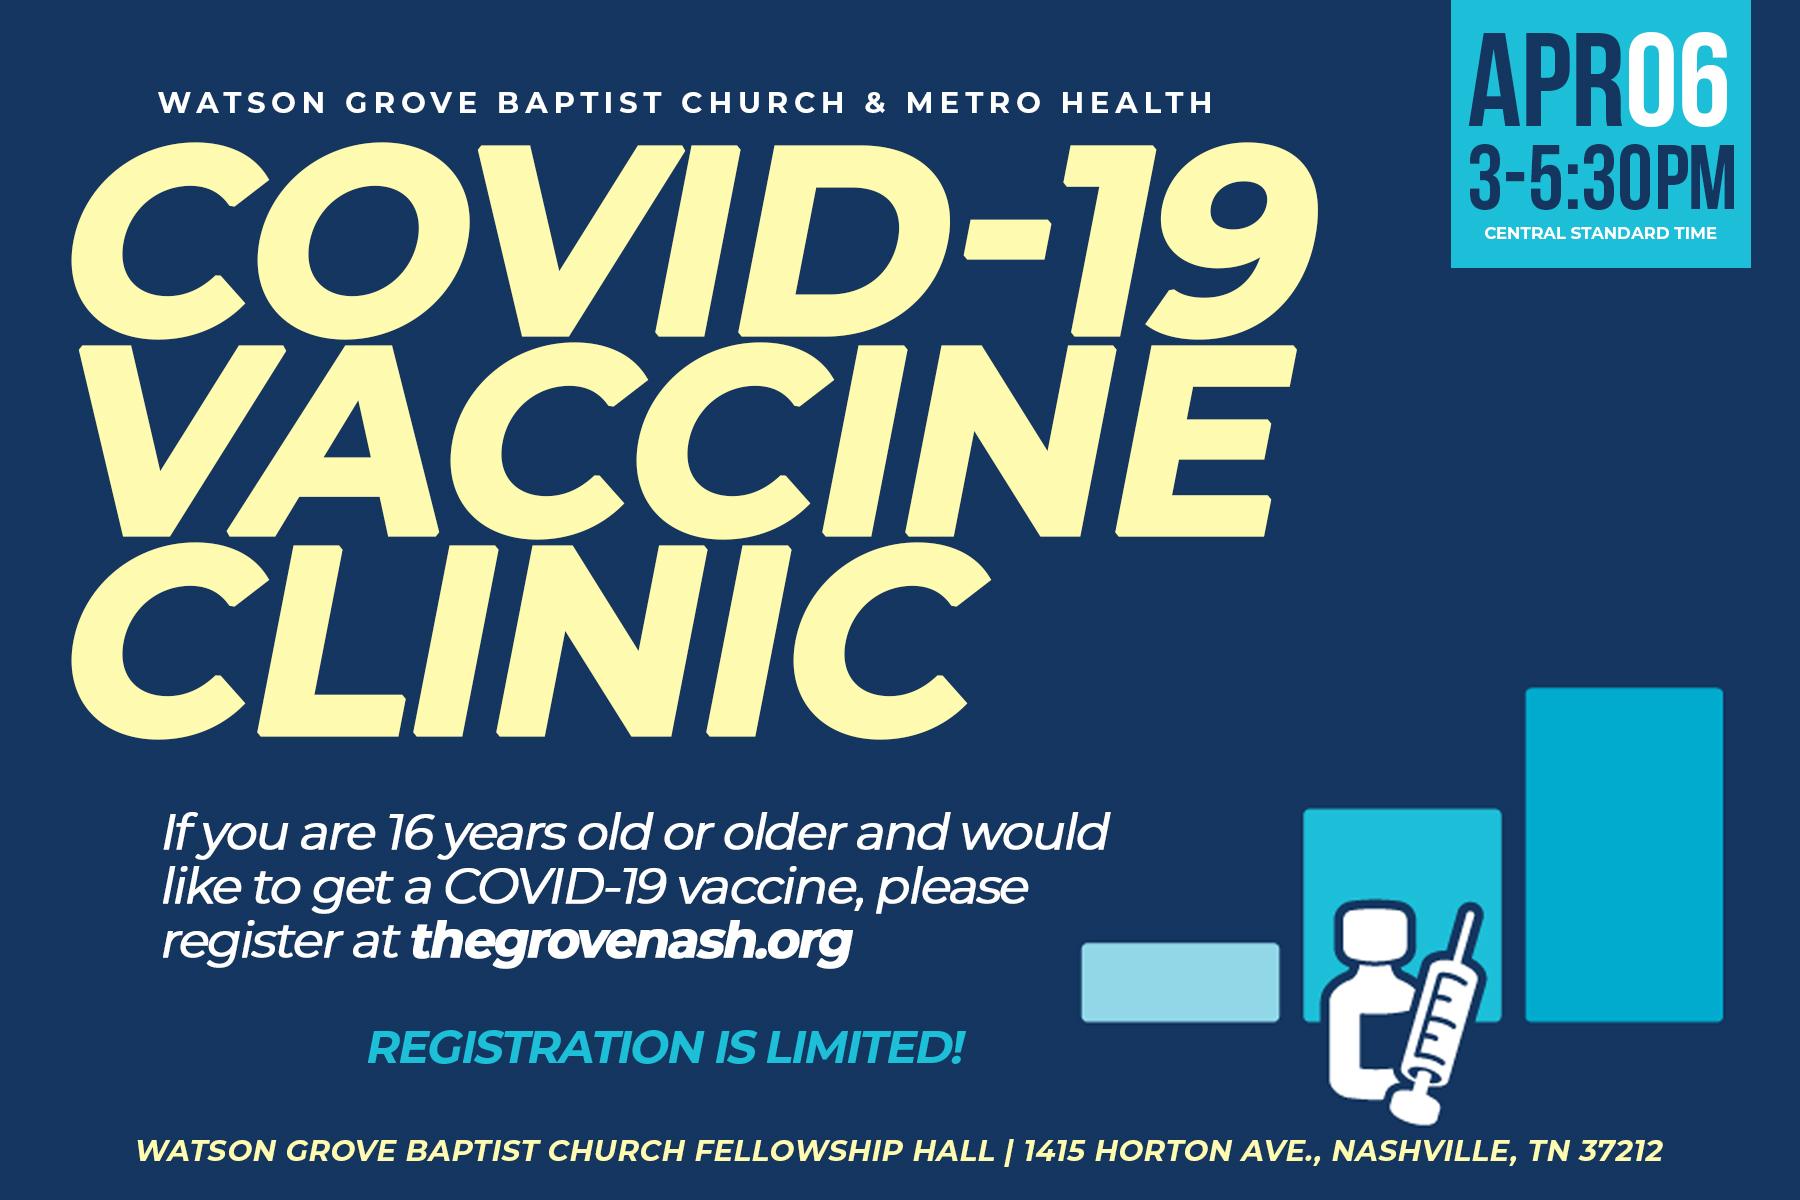 COVID Vaccine CLINIC 16